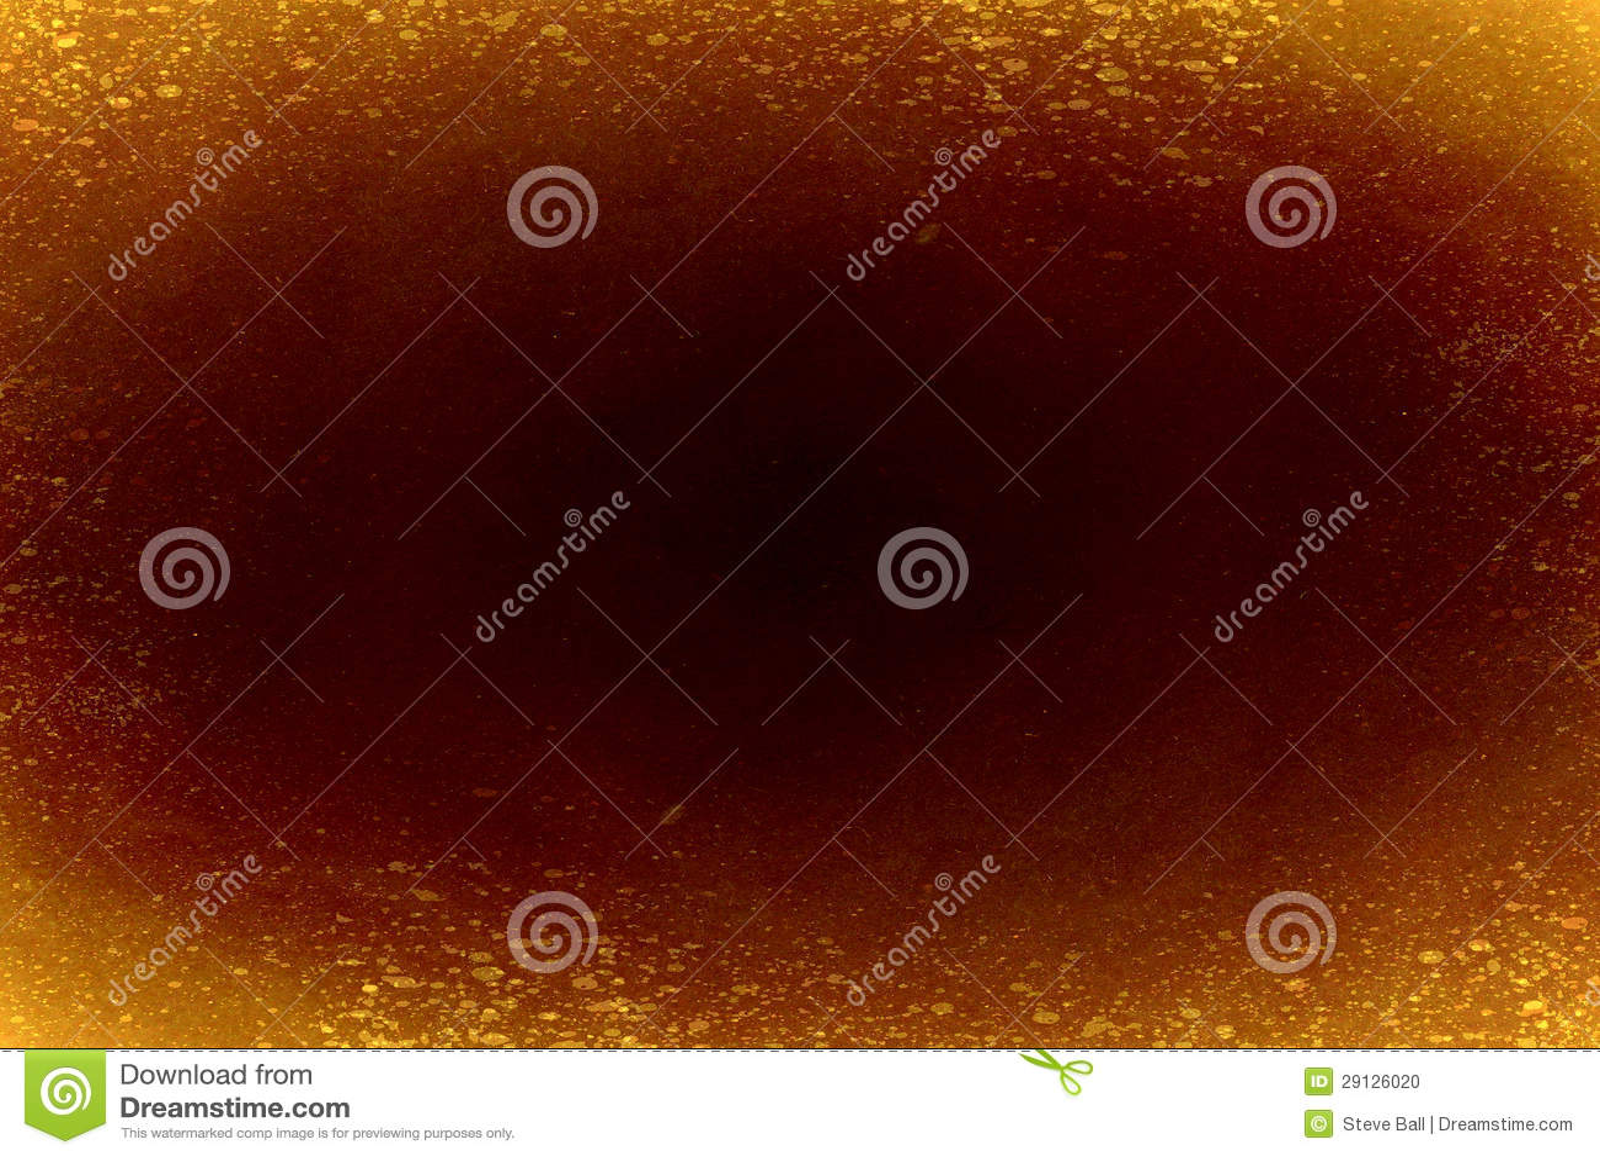 Black hole with orange background